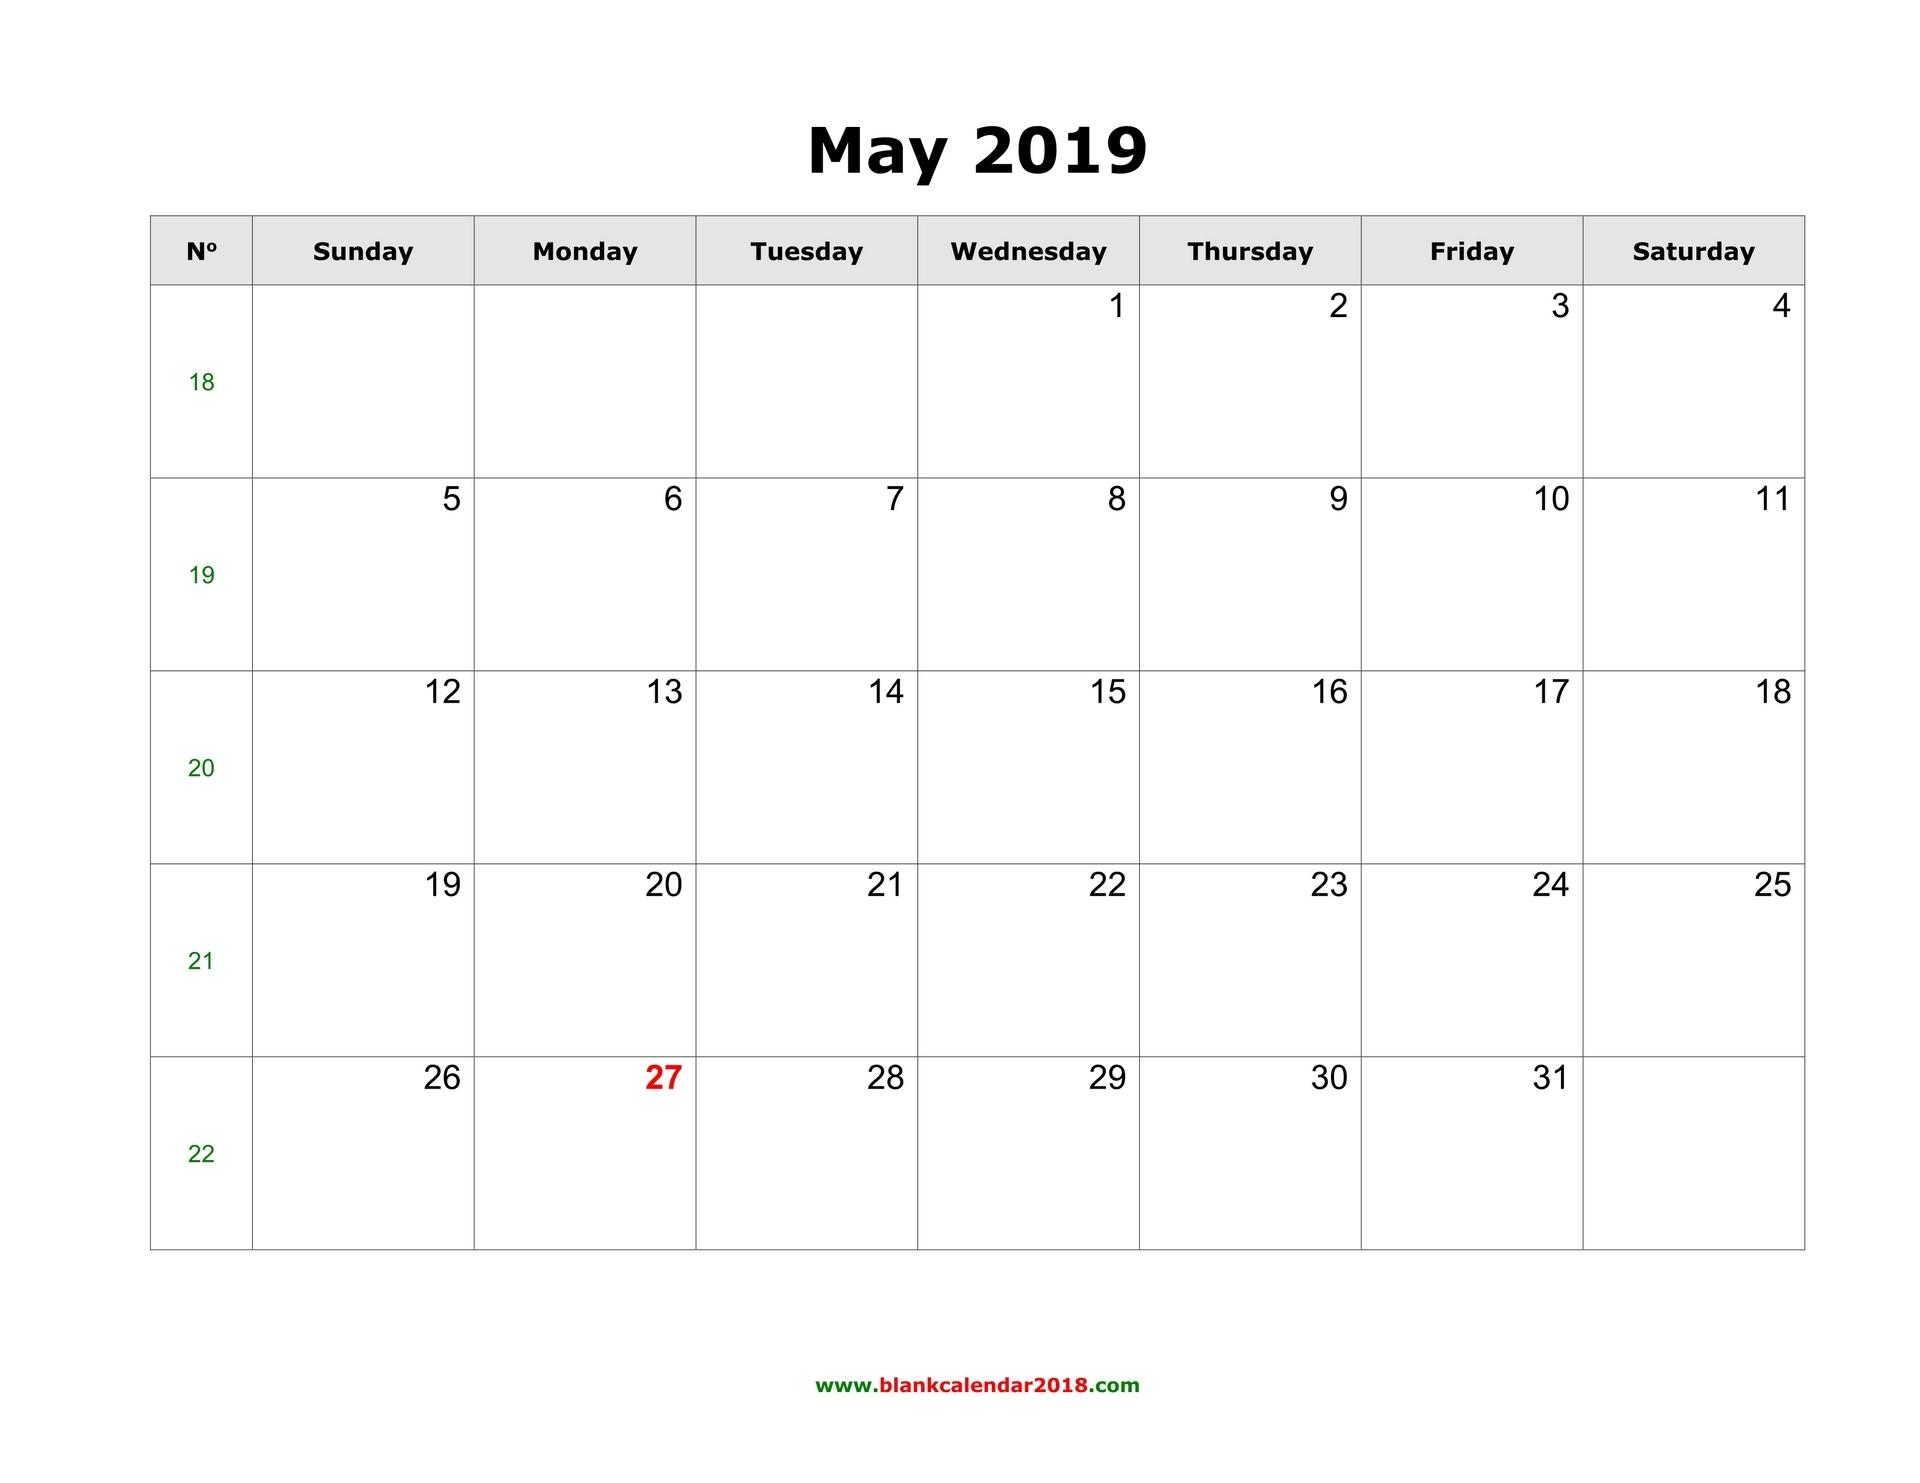 May Calendar 2019